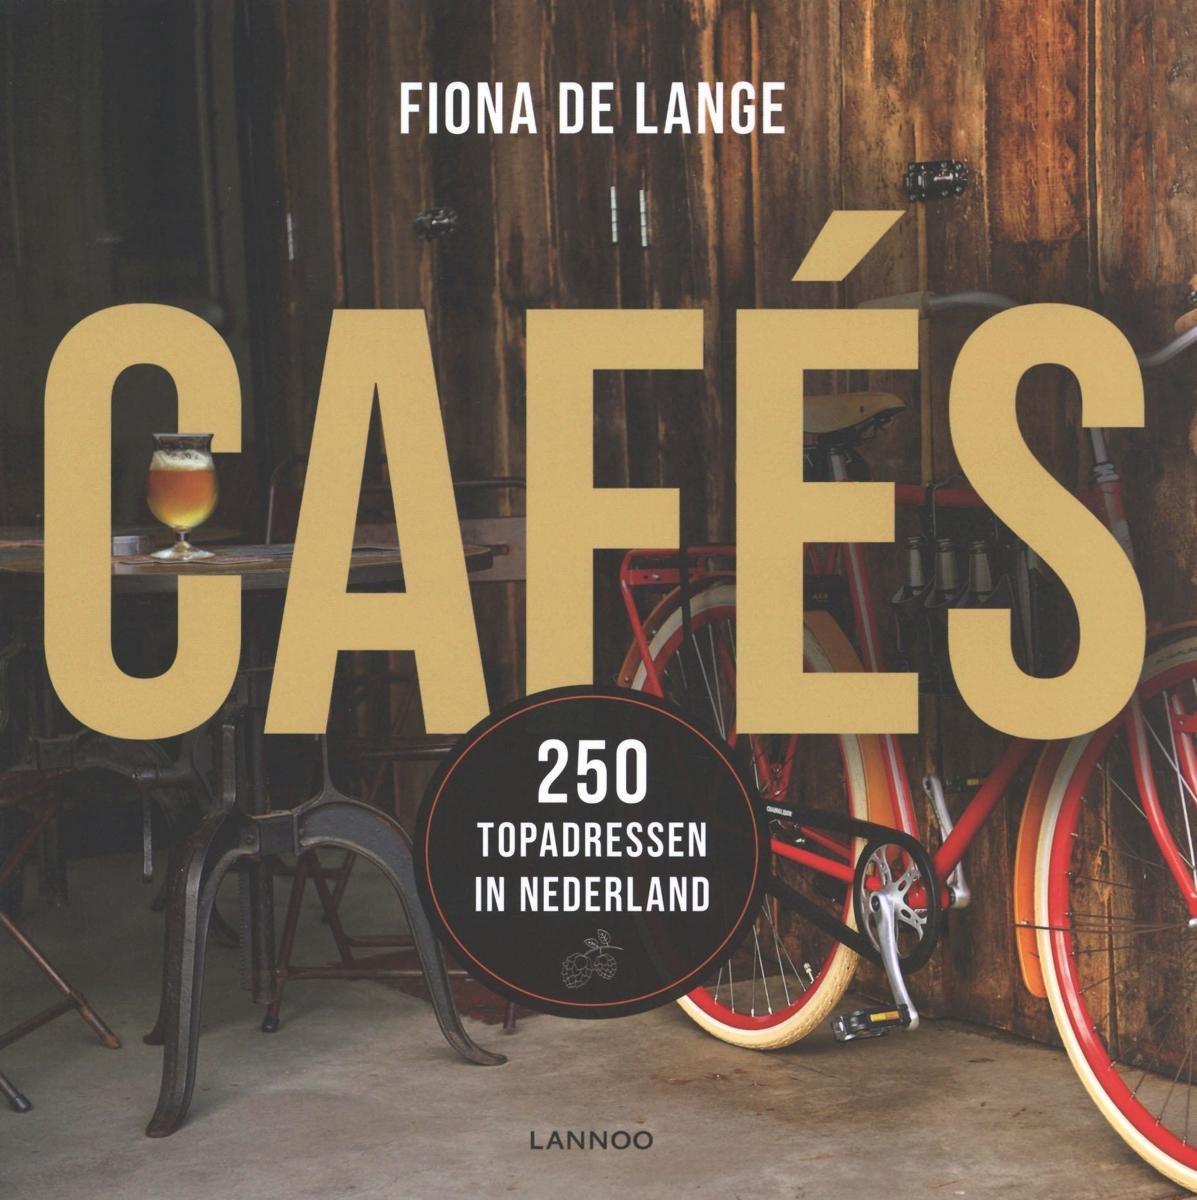 Cafés | Fiona de Lange 9789401457682 Fiona de Lange Lannoo   Cadeau-artikelen, Restaurantgidsen, Wijnreisgidsen Nederland